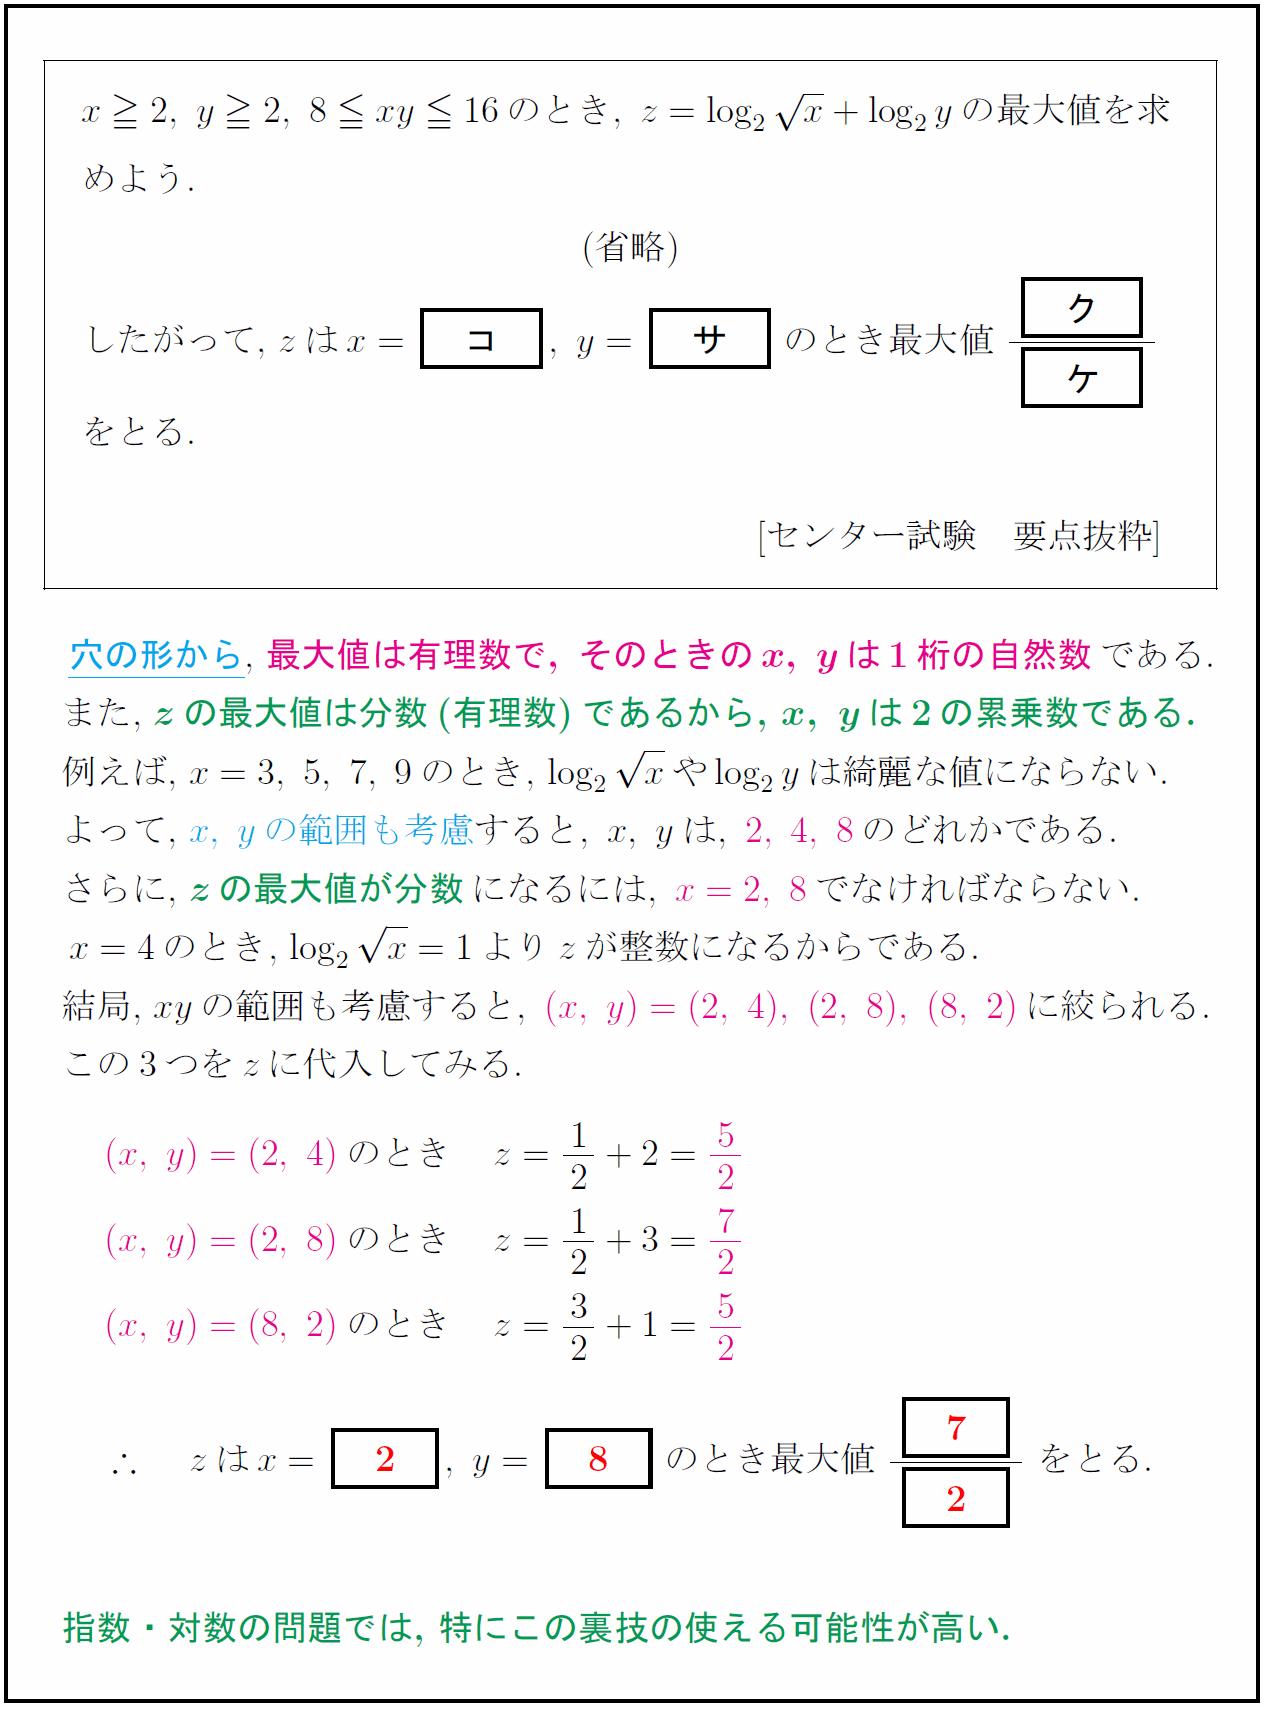 exp-log1